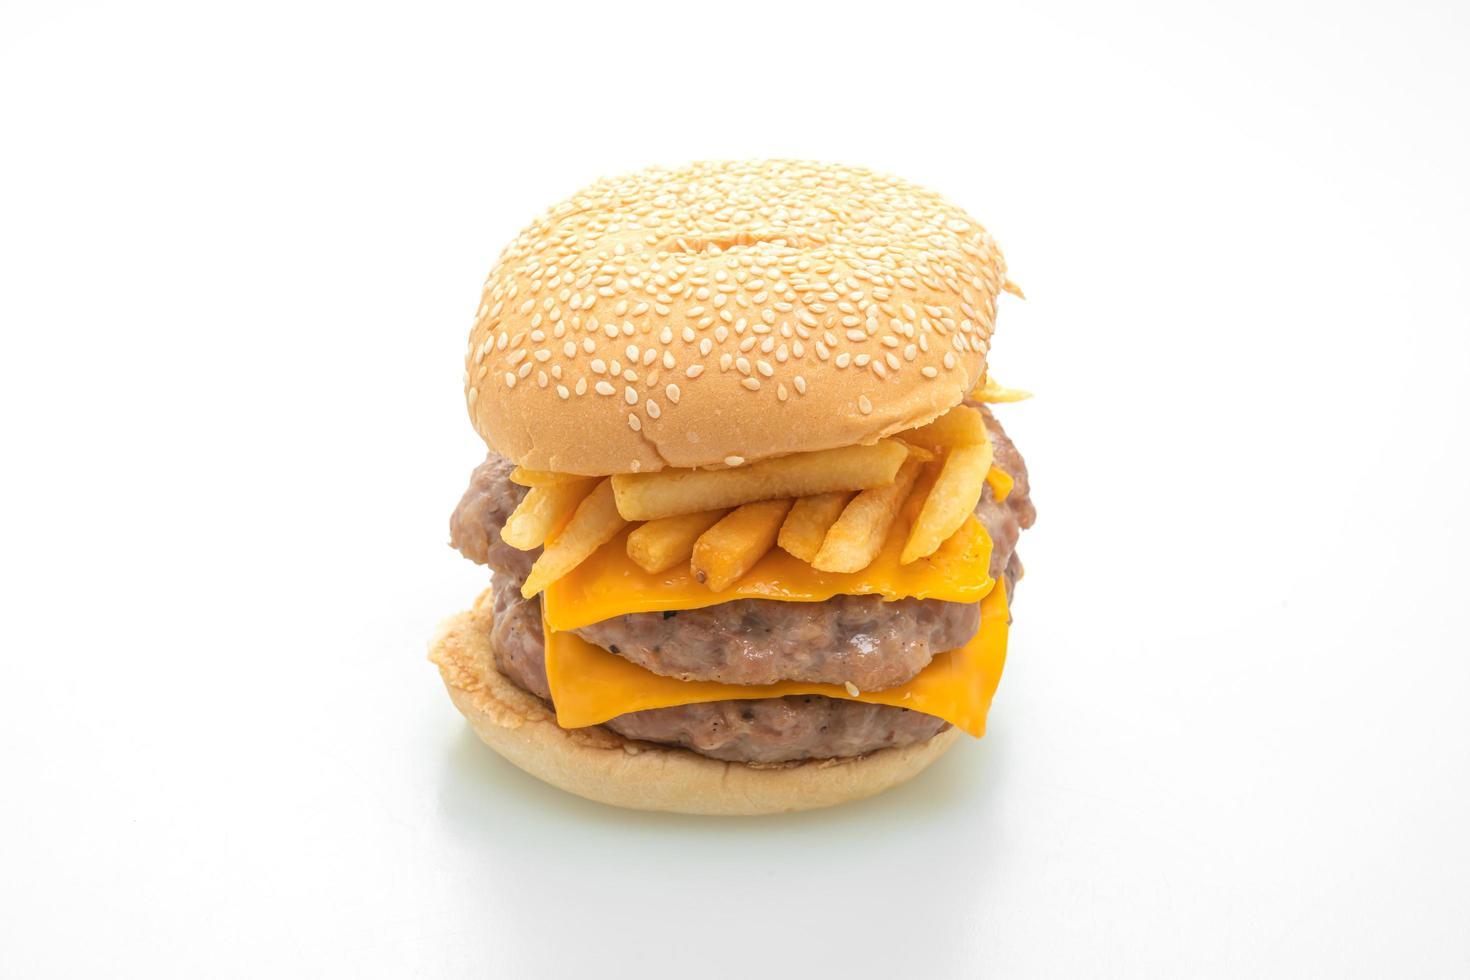 Schweinefleisch-Hamburger oder Schweinefleisch-Burger mit Käse und Pommes frites isoliert auf weißem Hintergrund foto